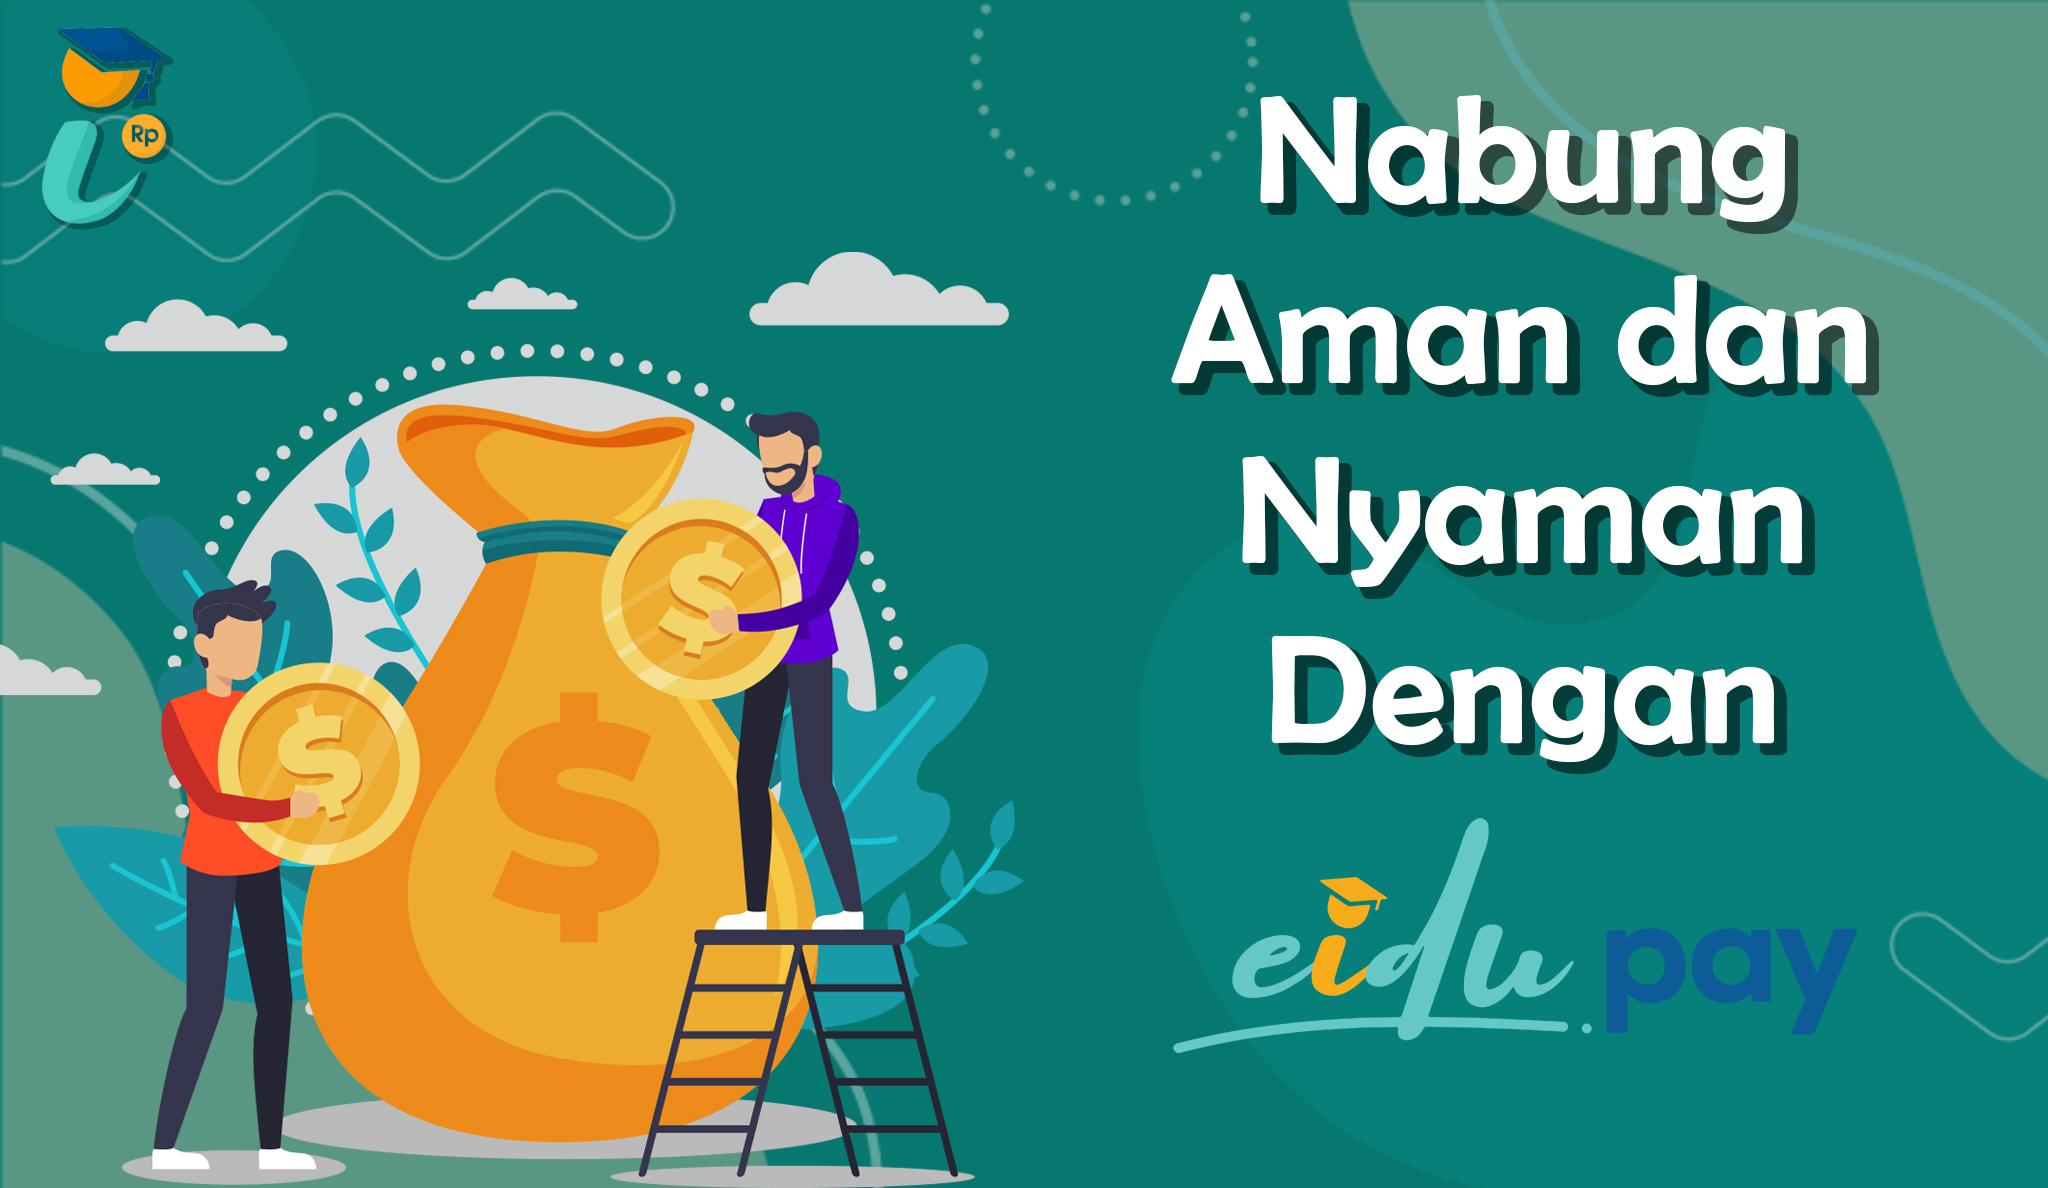 Nabung Aman dan Nyaman Dengan EiduPay